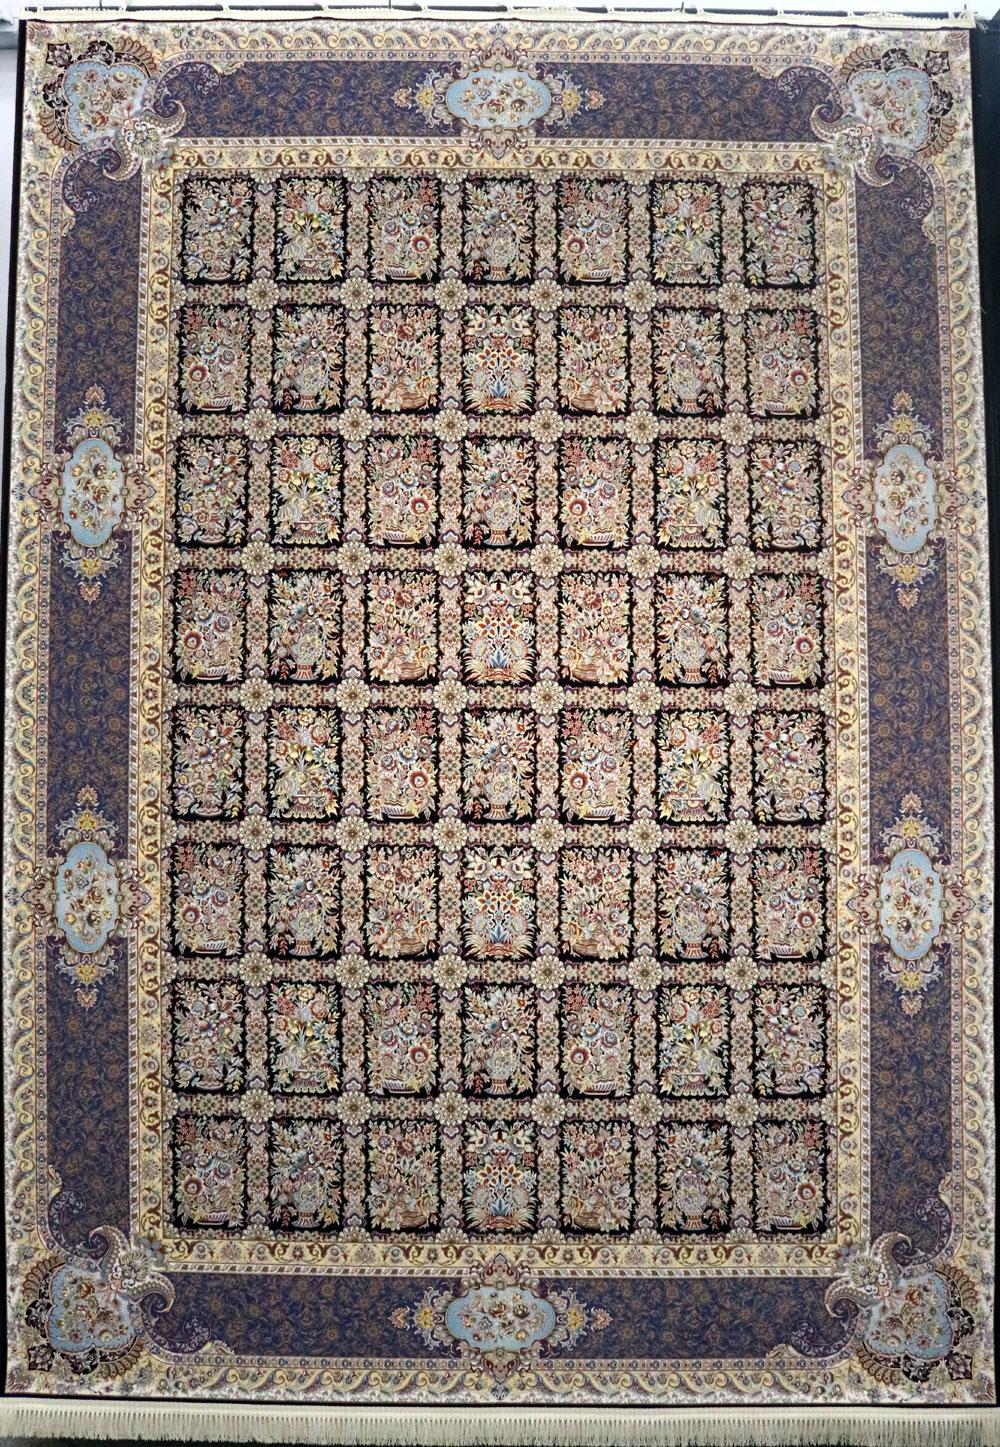 فرش کاشان- نقشه خشتی قهوه ای 1200 شانه